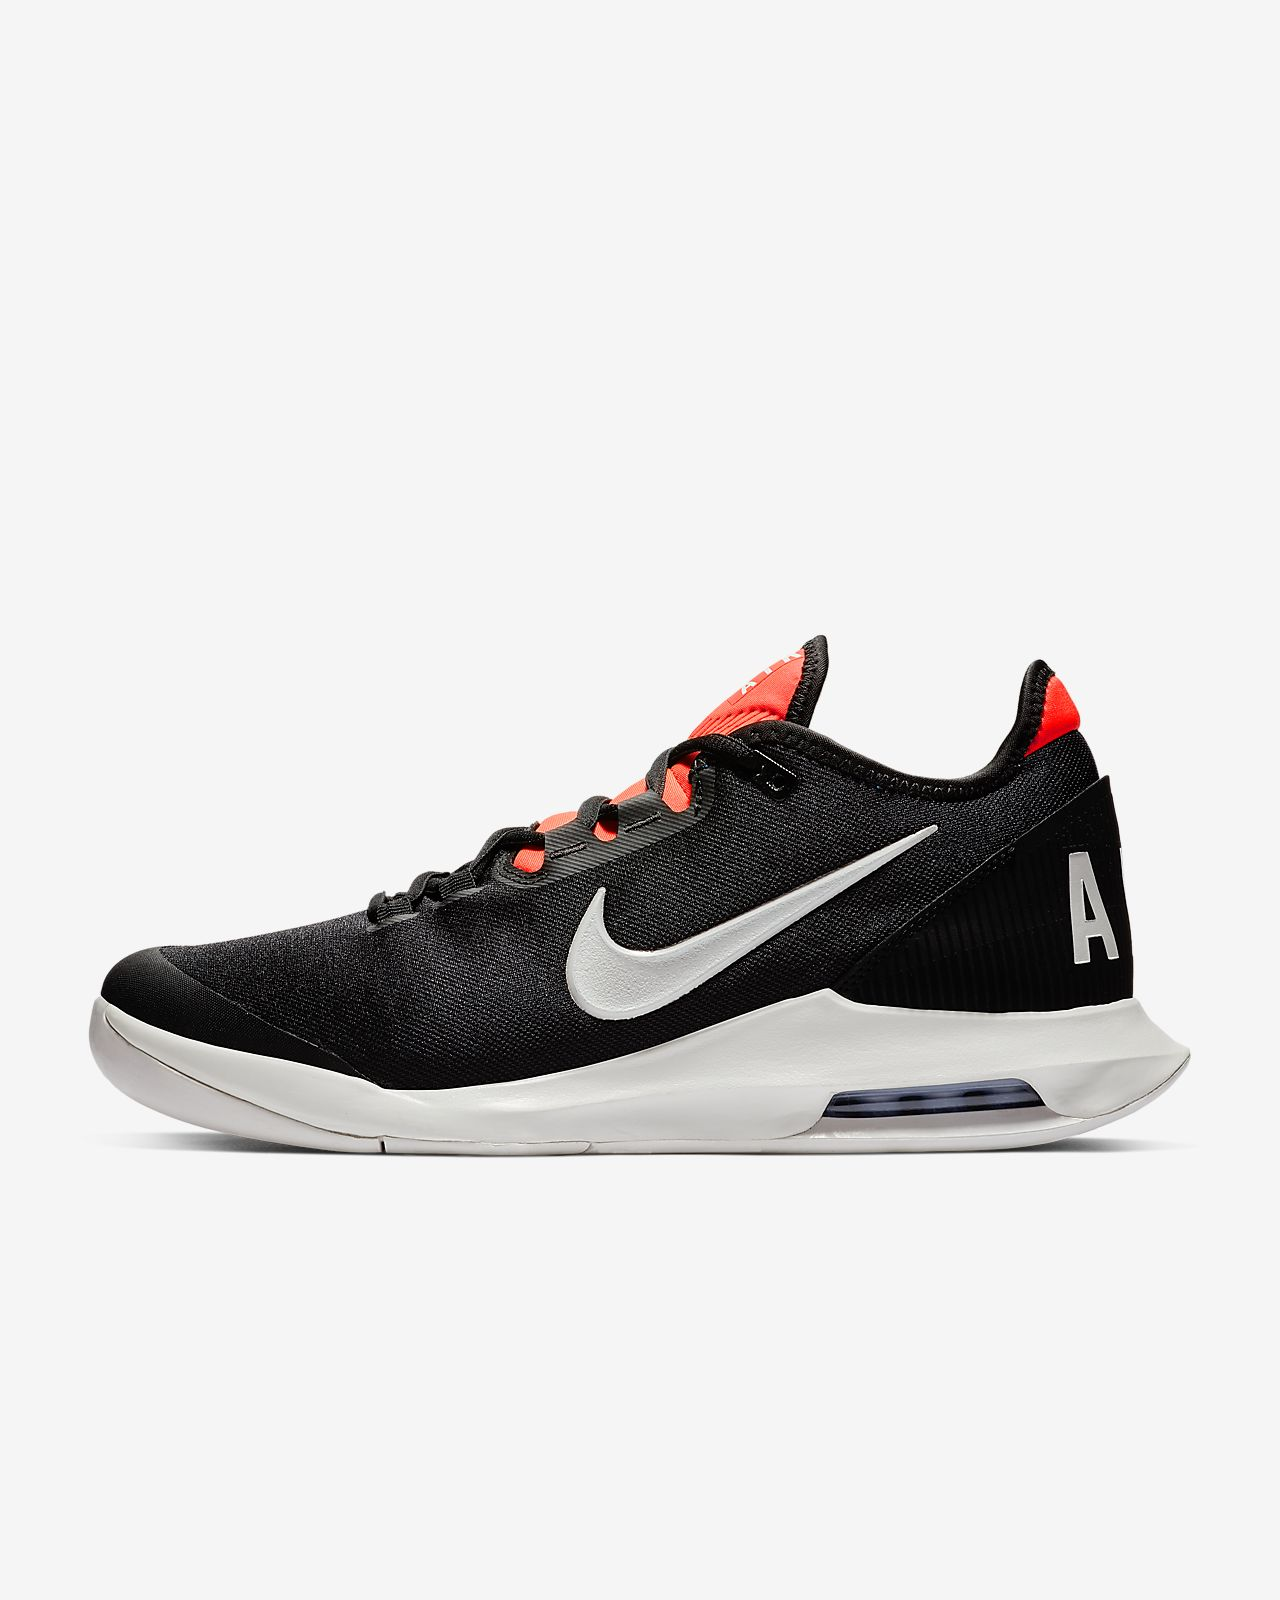 รองเท้าเทนนิสผู้ชาย NikeCourt Air Max Wildcard